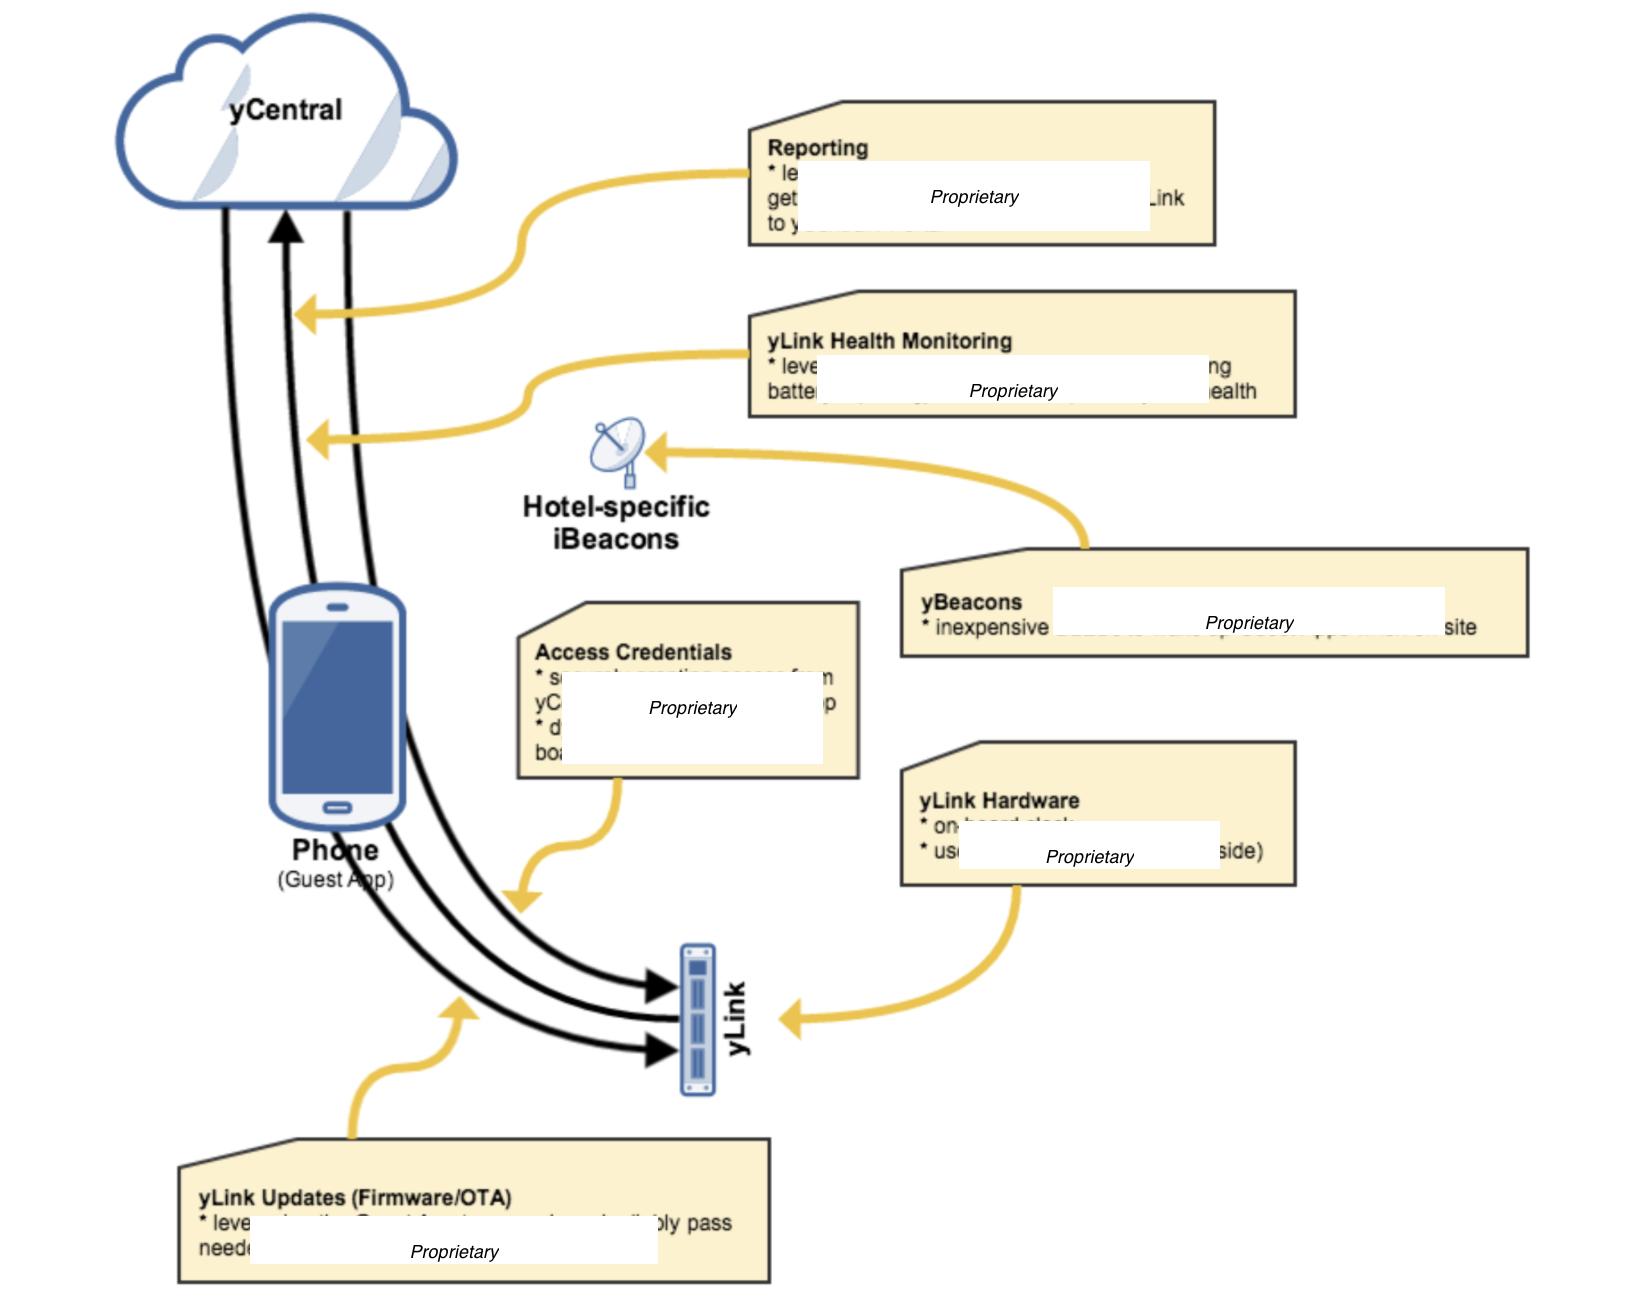 Single Path IoT Architecture (yikes) | AngelList